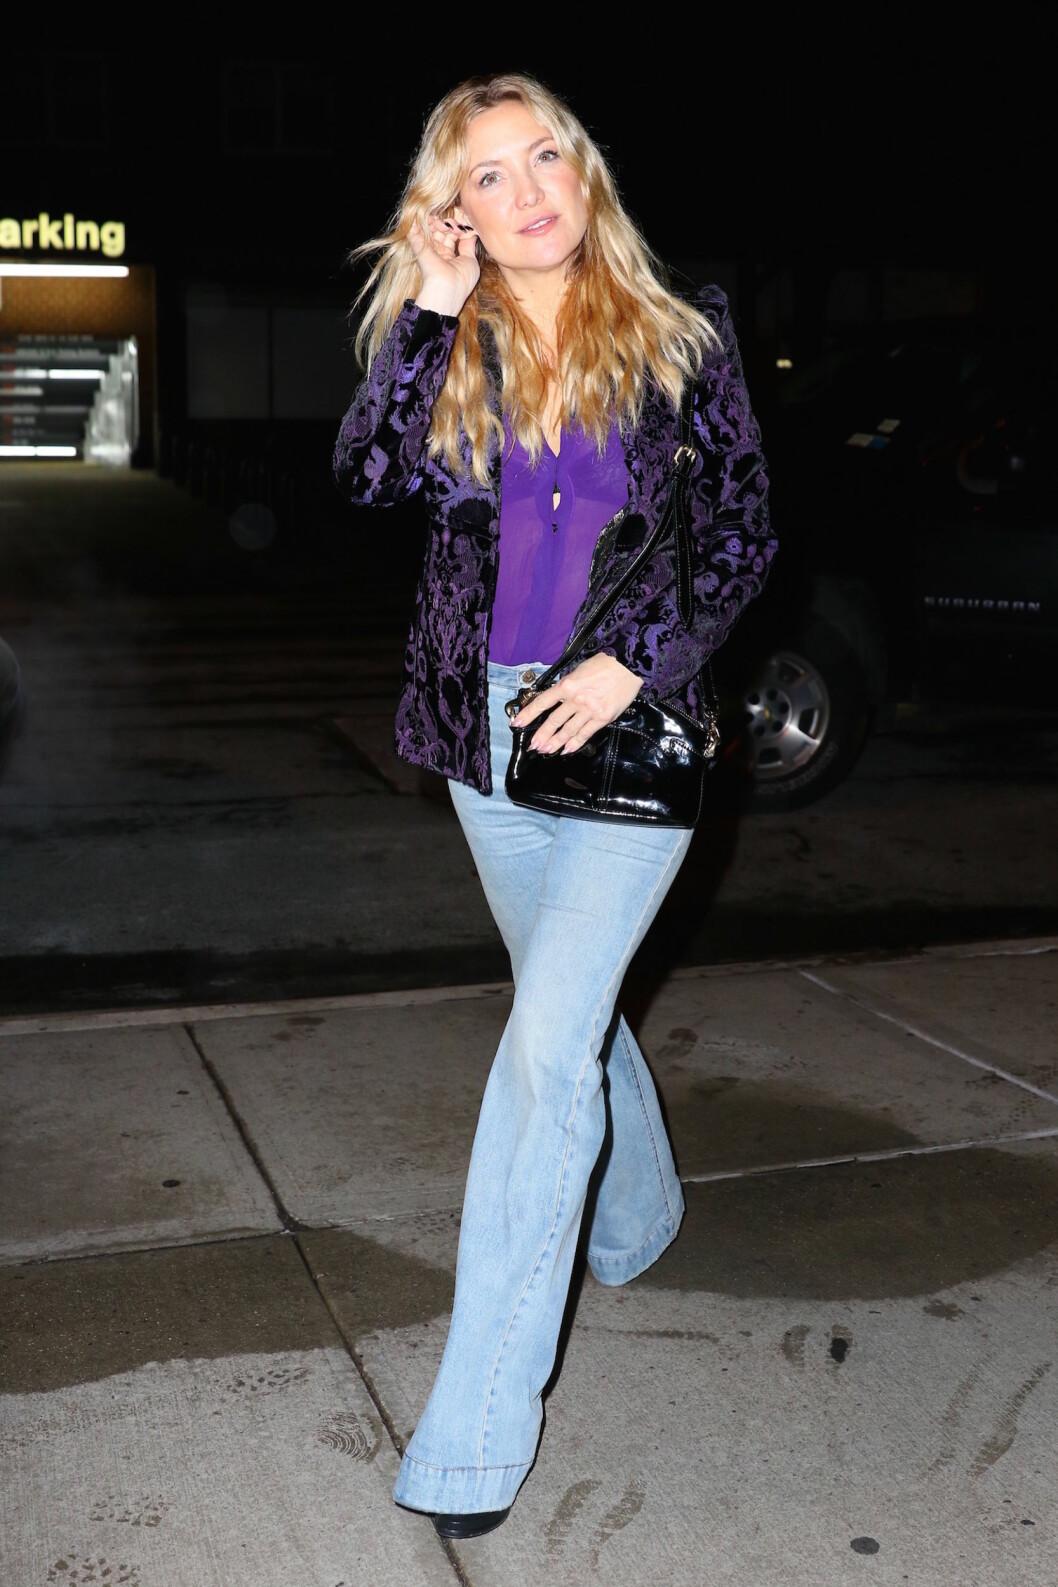 PYNTET SEG FOR DATE: Kate Hudson og Nick Jonas forlot New York-restauranten separat søndag, men skal ha endt opp på samme hotell senere på kvelden.  Foto: Splash News